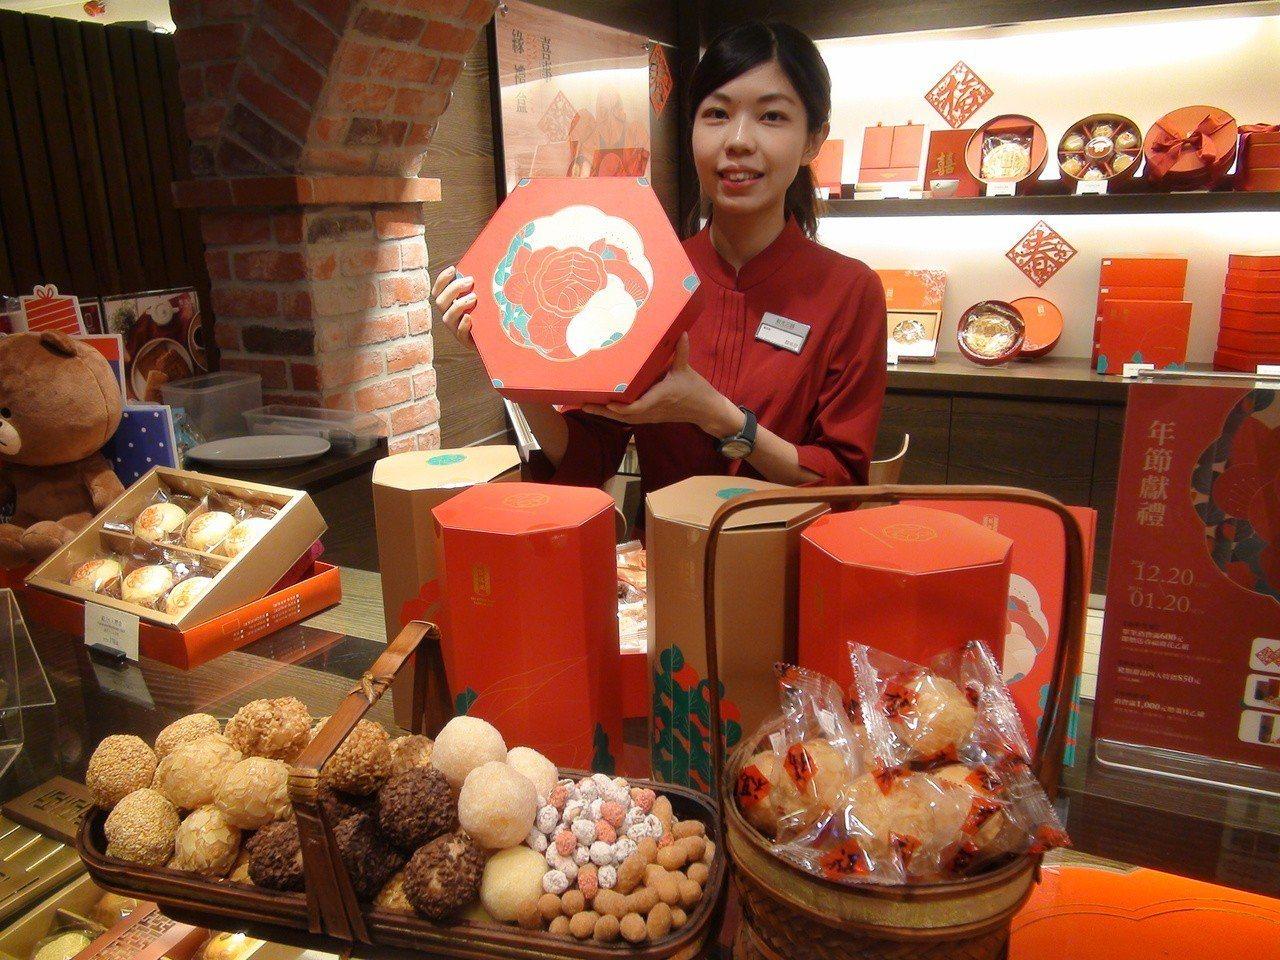 百年餅店「舊振南」今年以「春華錦繡」為主題,推出限定版的「吉好運禮盒」及「福氣丸...